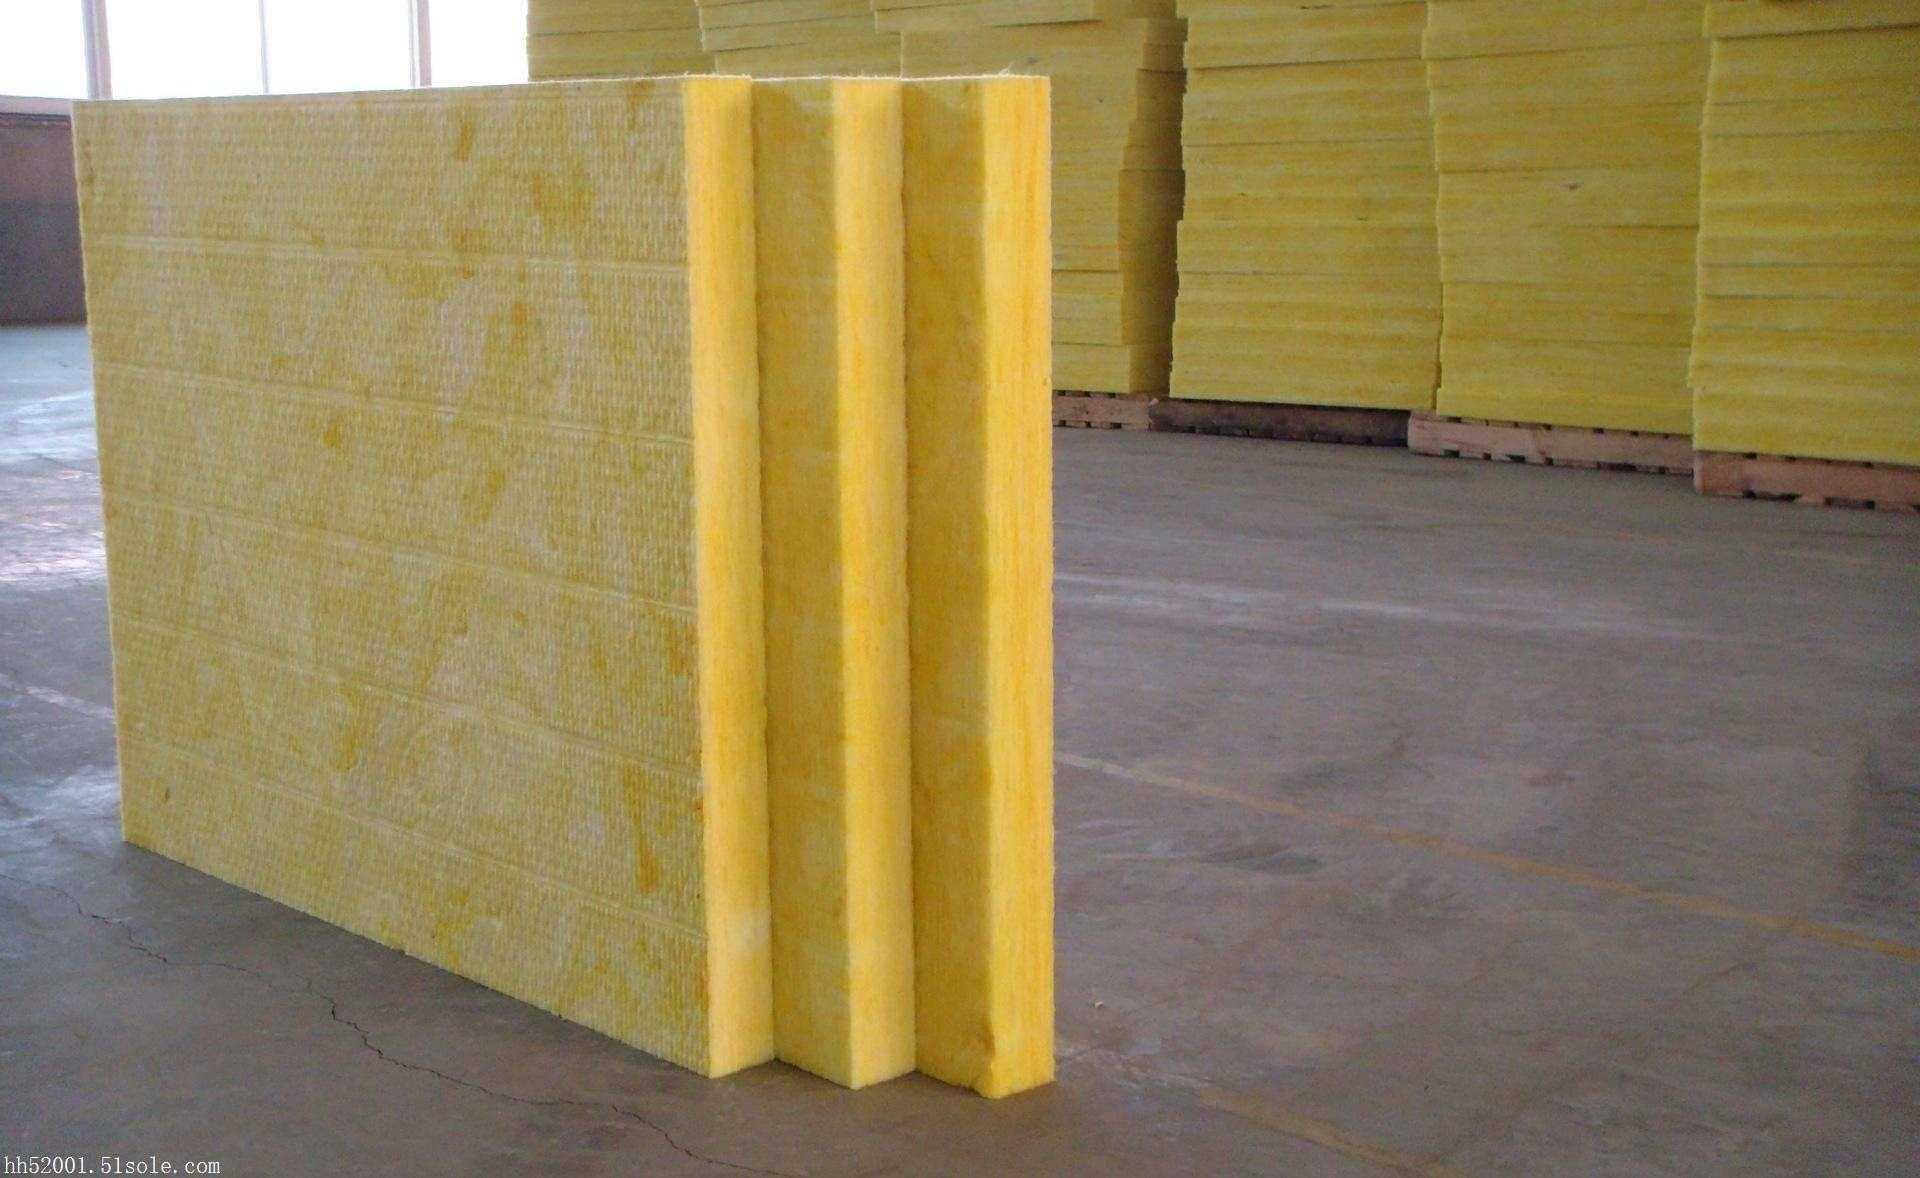 采购离心玻璃棉板市场价格,报价@*新动态